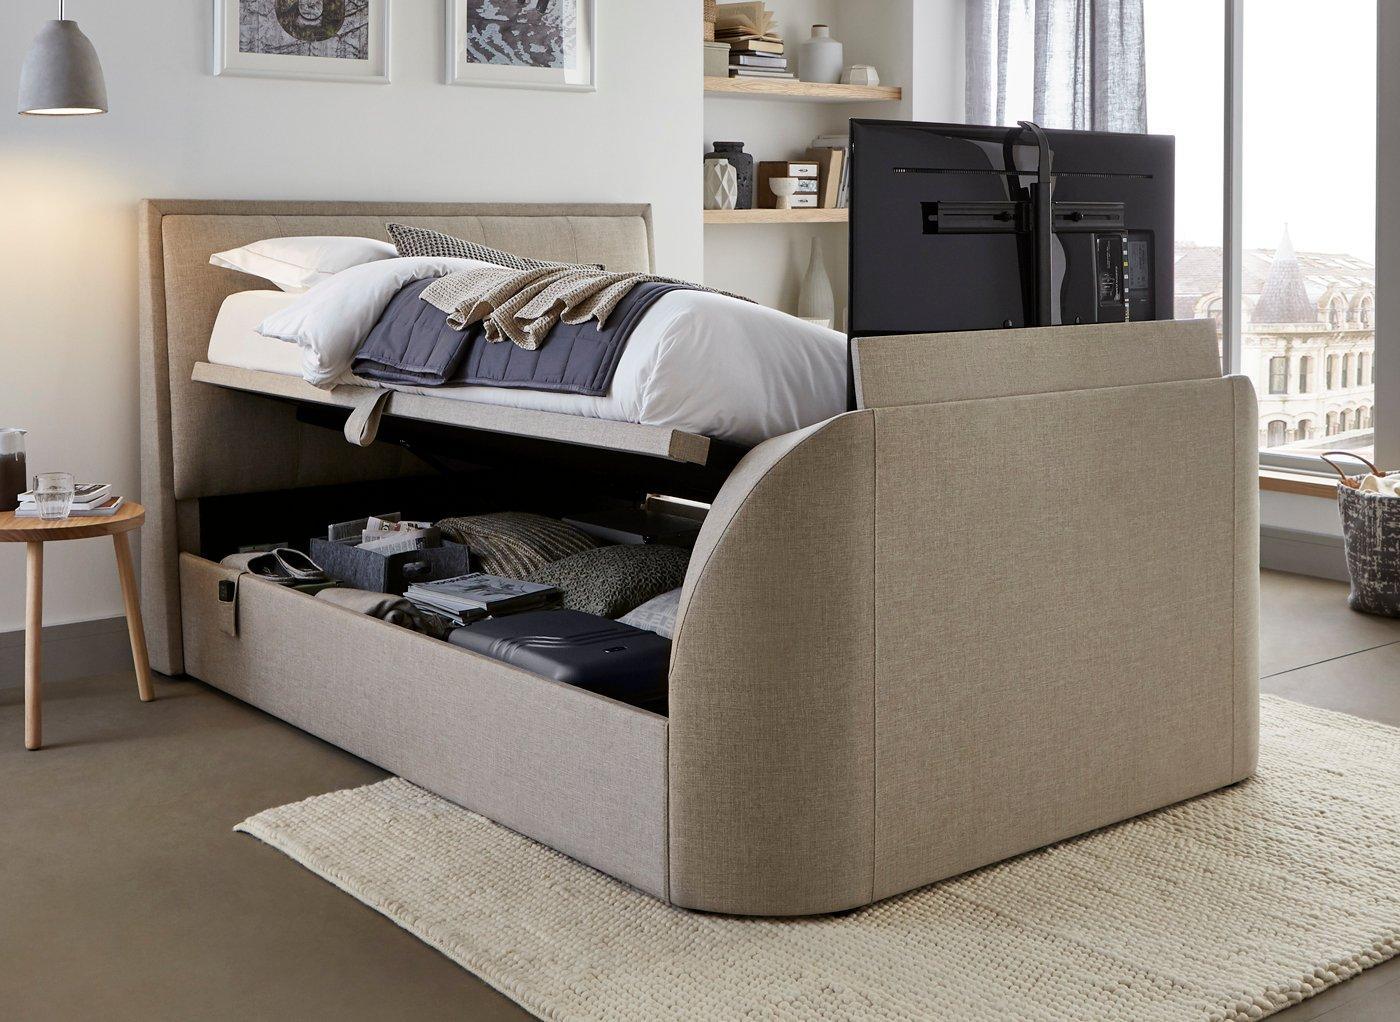 Tv In Bed : Inch tv bed awesome schlafmöbel schön das passende bilder